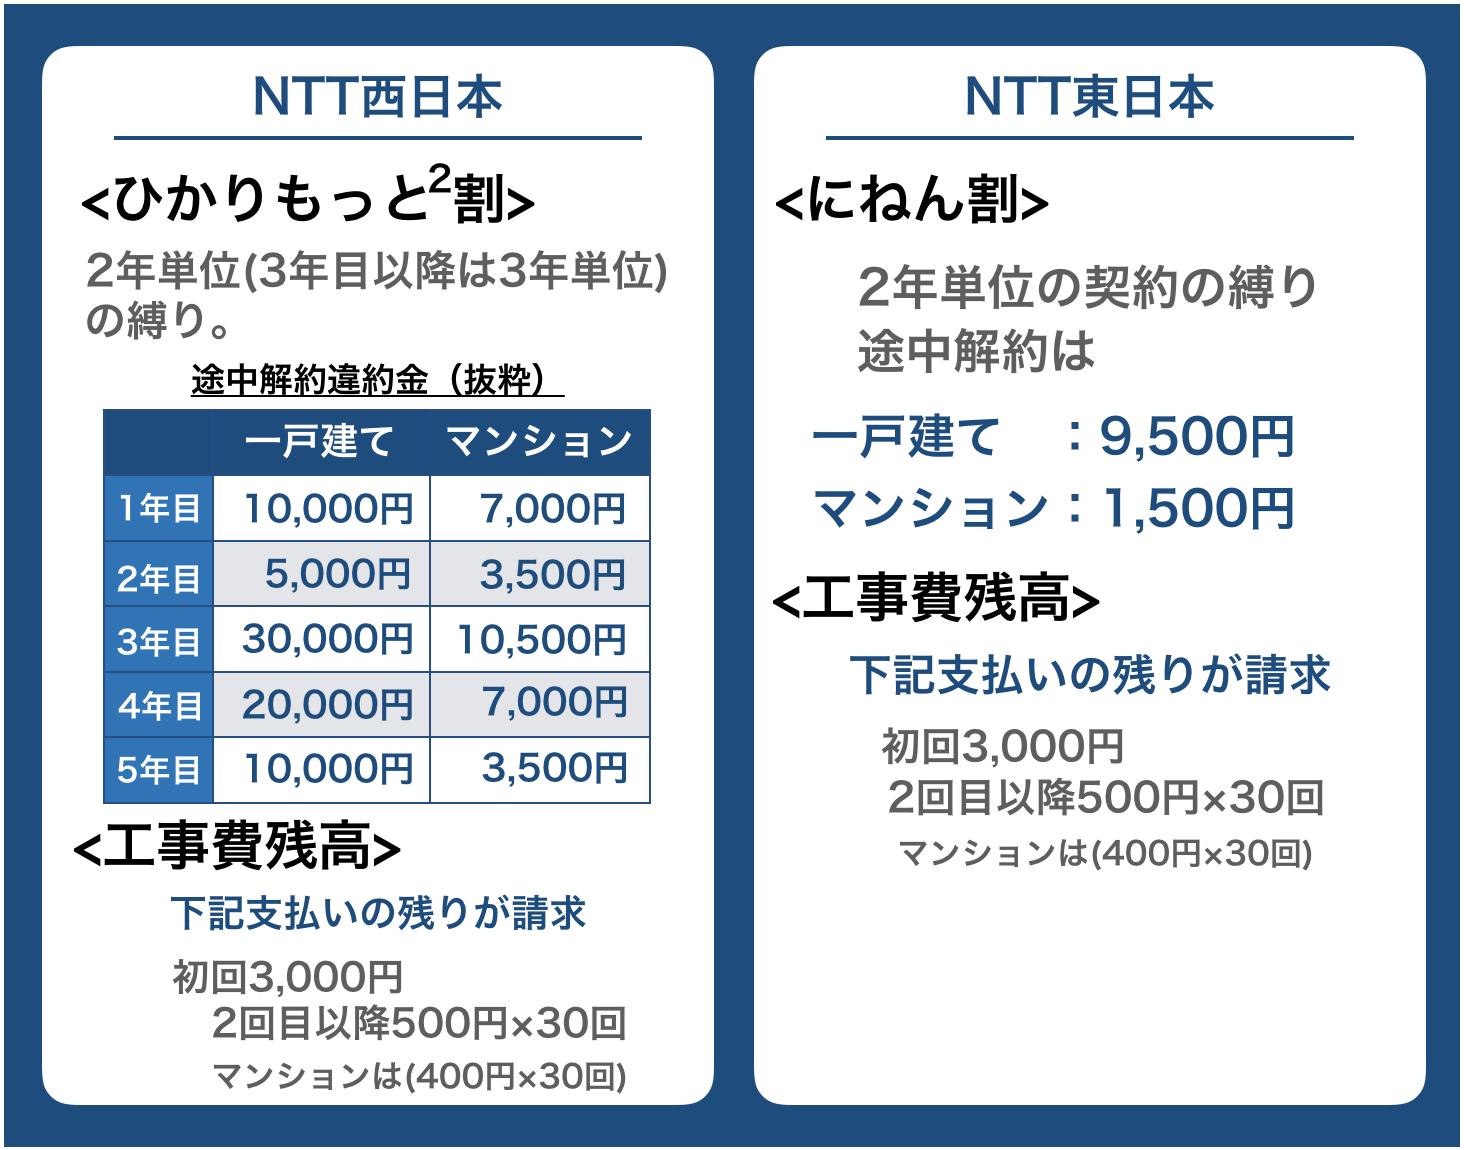 フレッツ光違約金・工事費残高 NTT西日本とNTT東日本